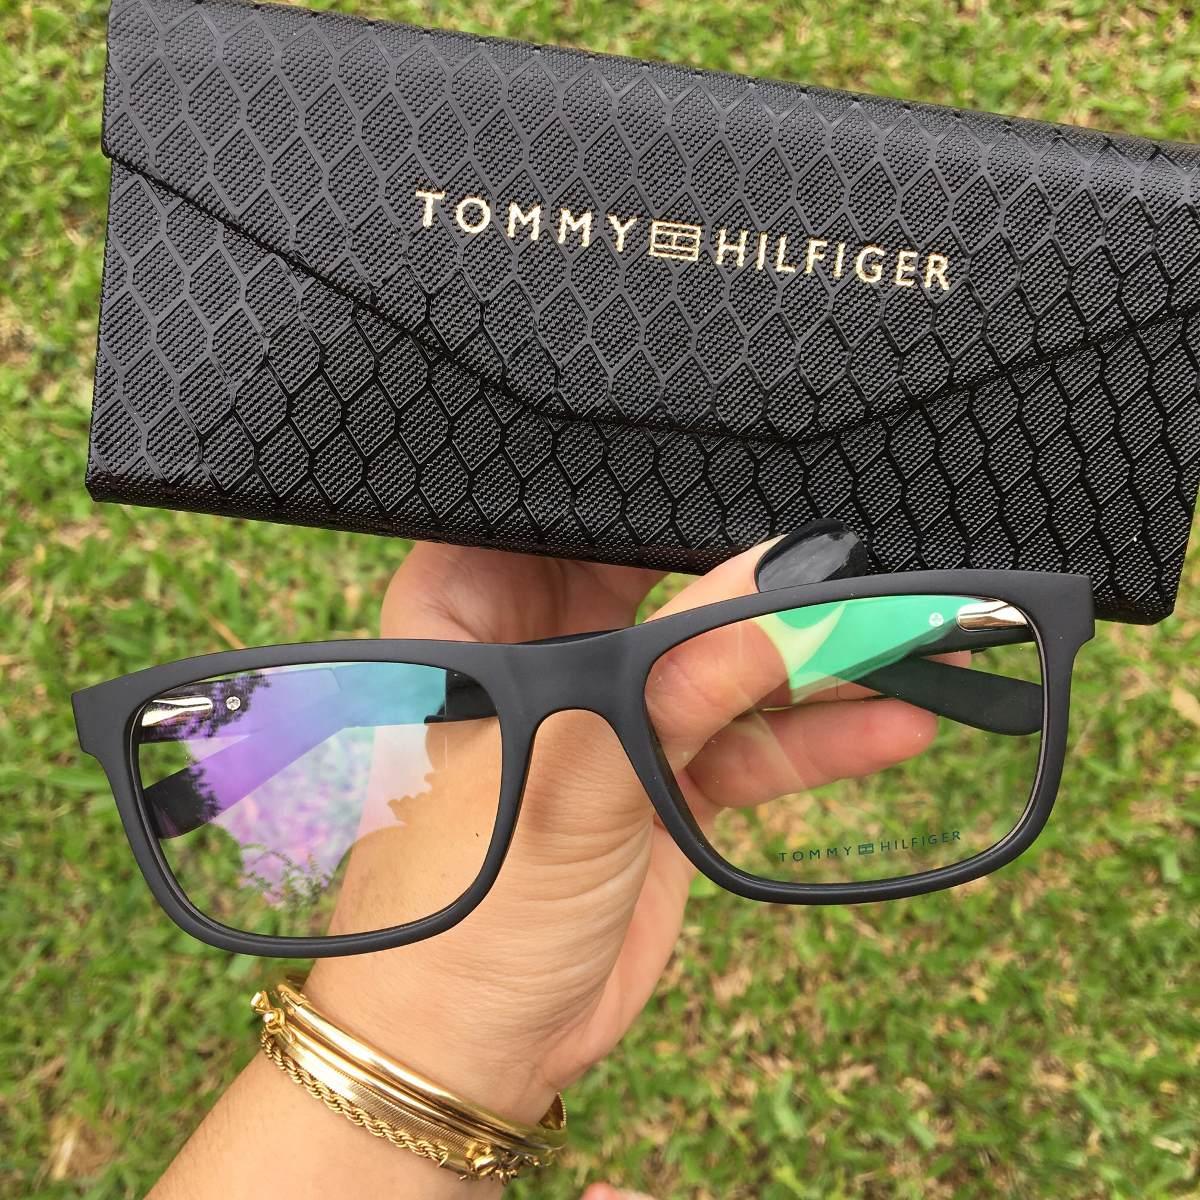 472c402ae19eb Oculos Armacao Grau Ray Ban Tommy Armani Nike - R  159,00 em Mercado ...